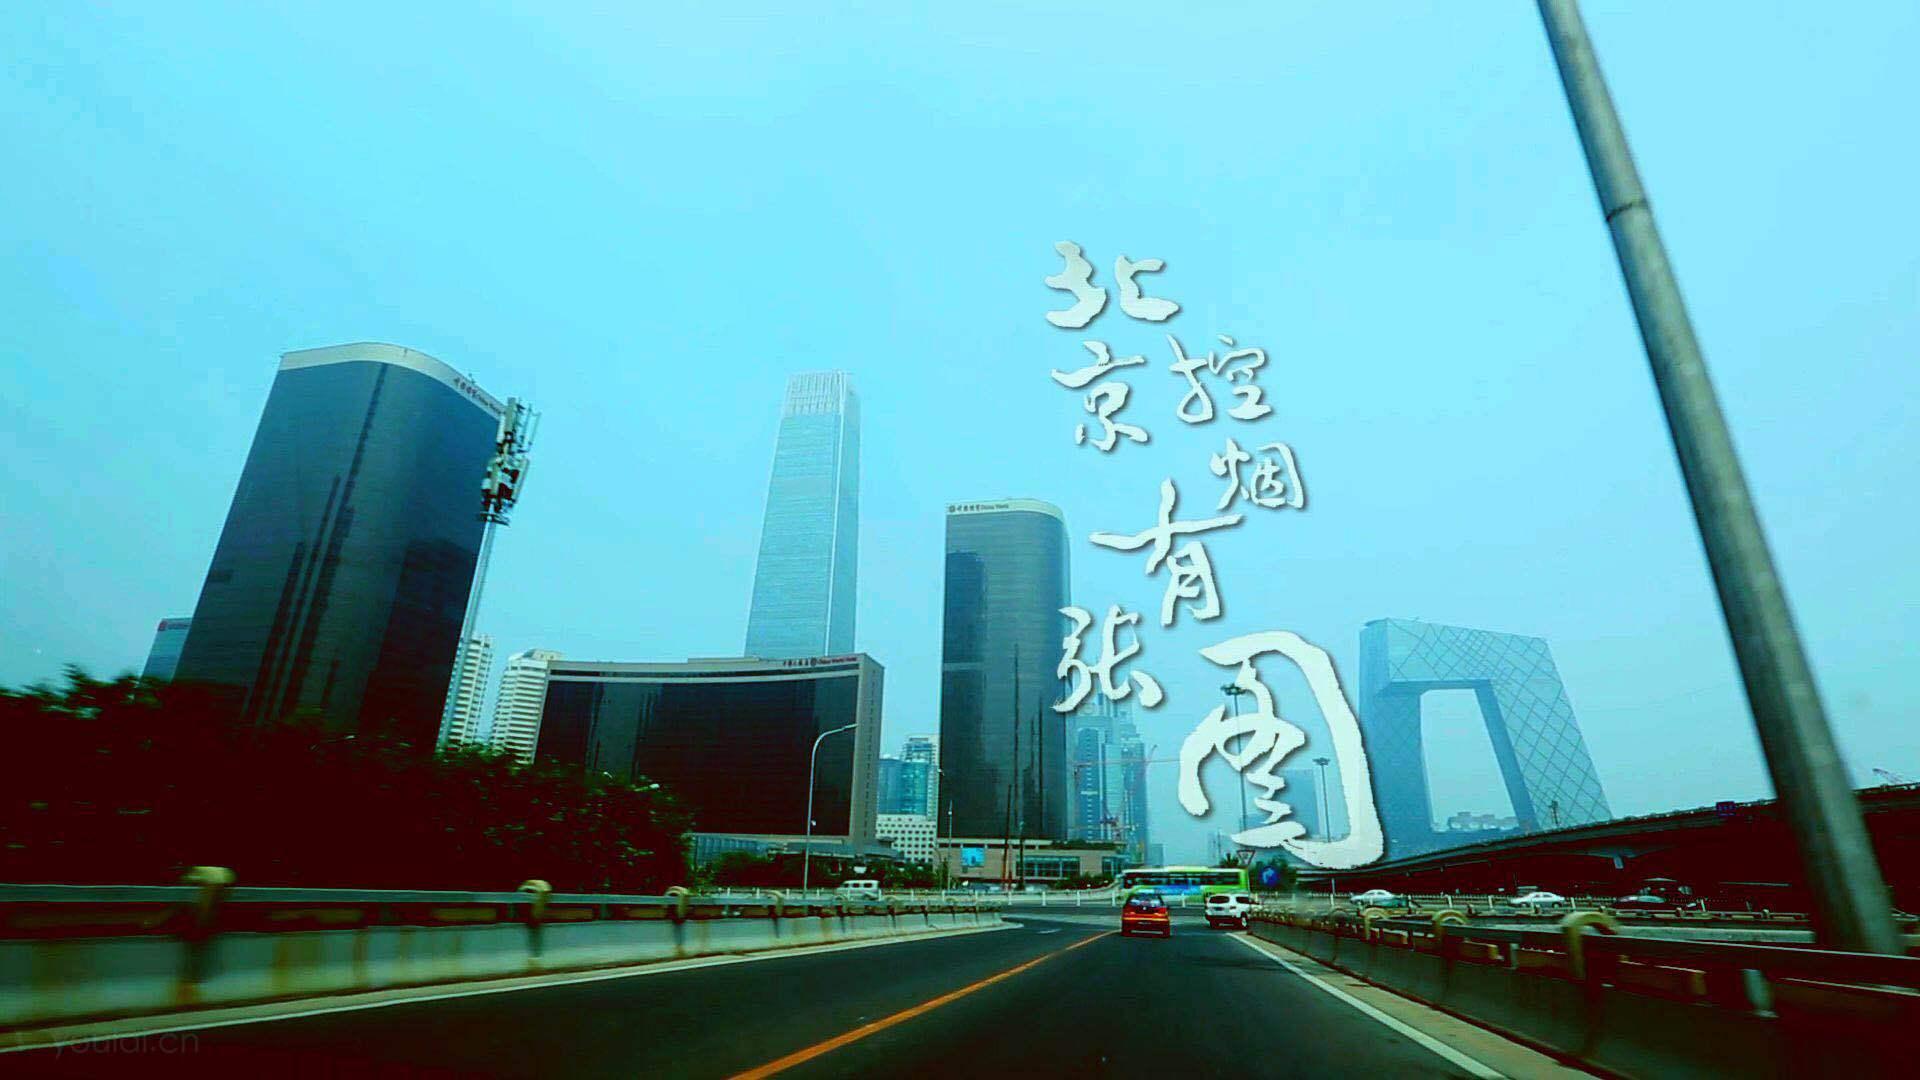 """首部医学科普片上线""""别人吸烟上瘾,我控烟上瘾-北京控烟有张图"""""""